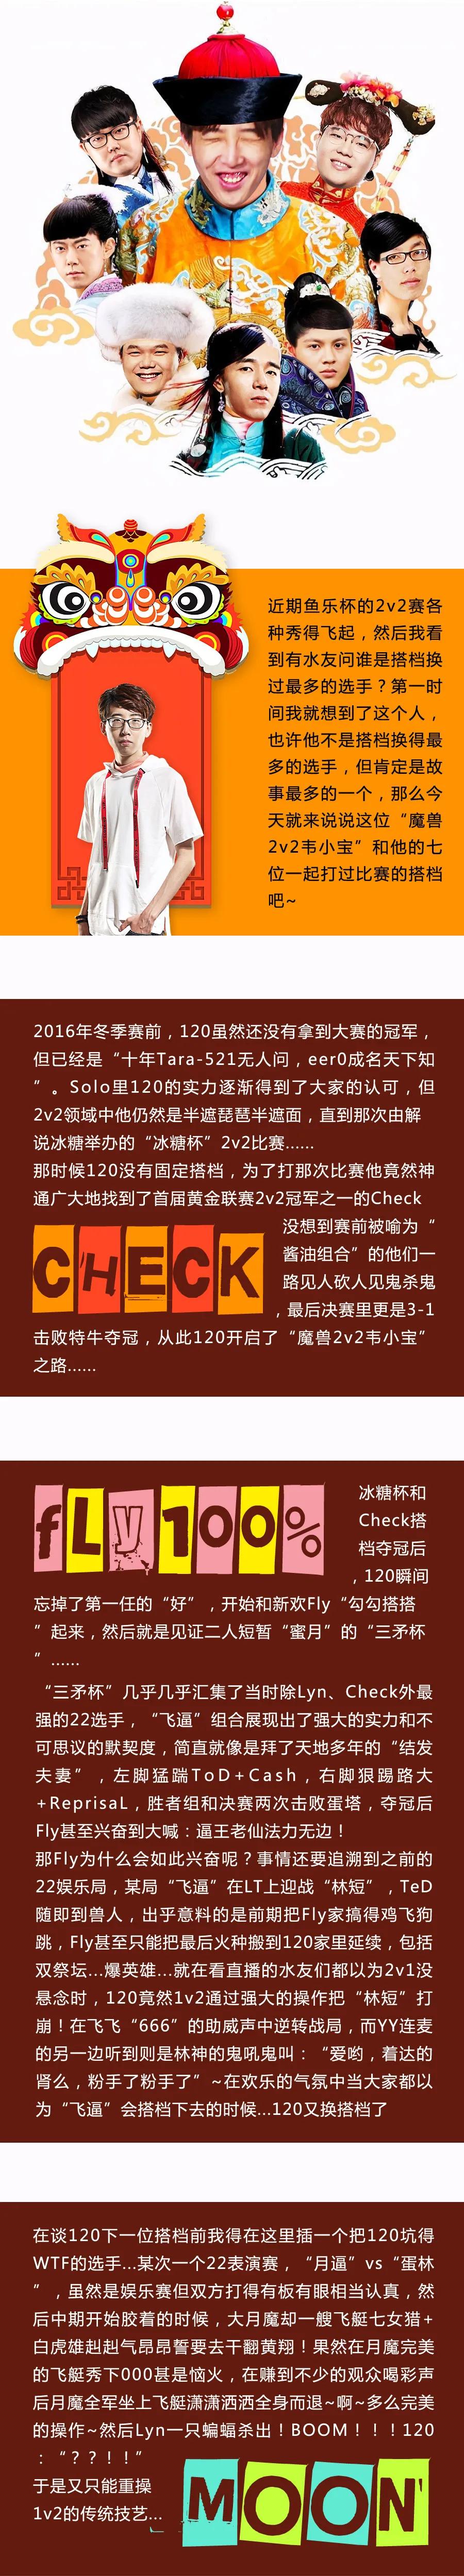 """魔兽争霸3日梗:""""魔兽韦小宝""""的七位22搭档"""